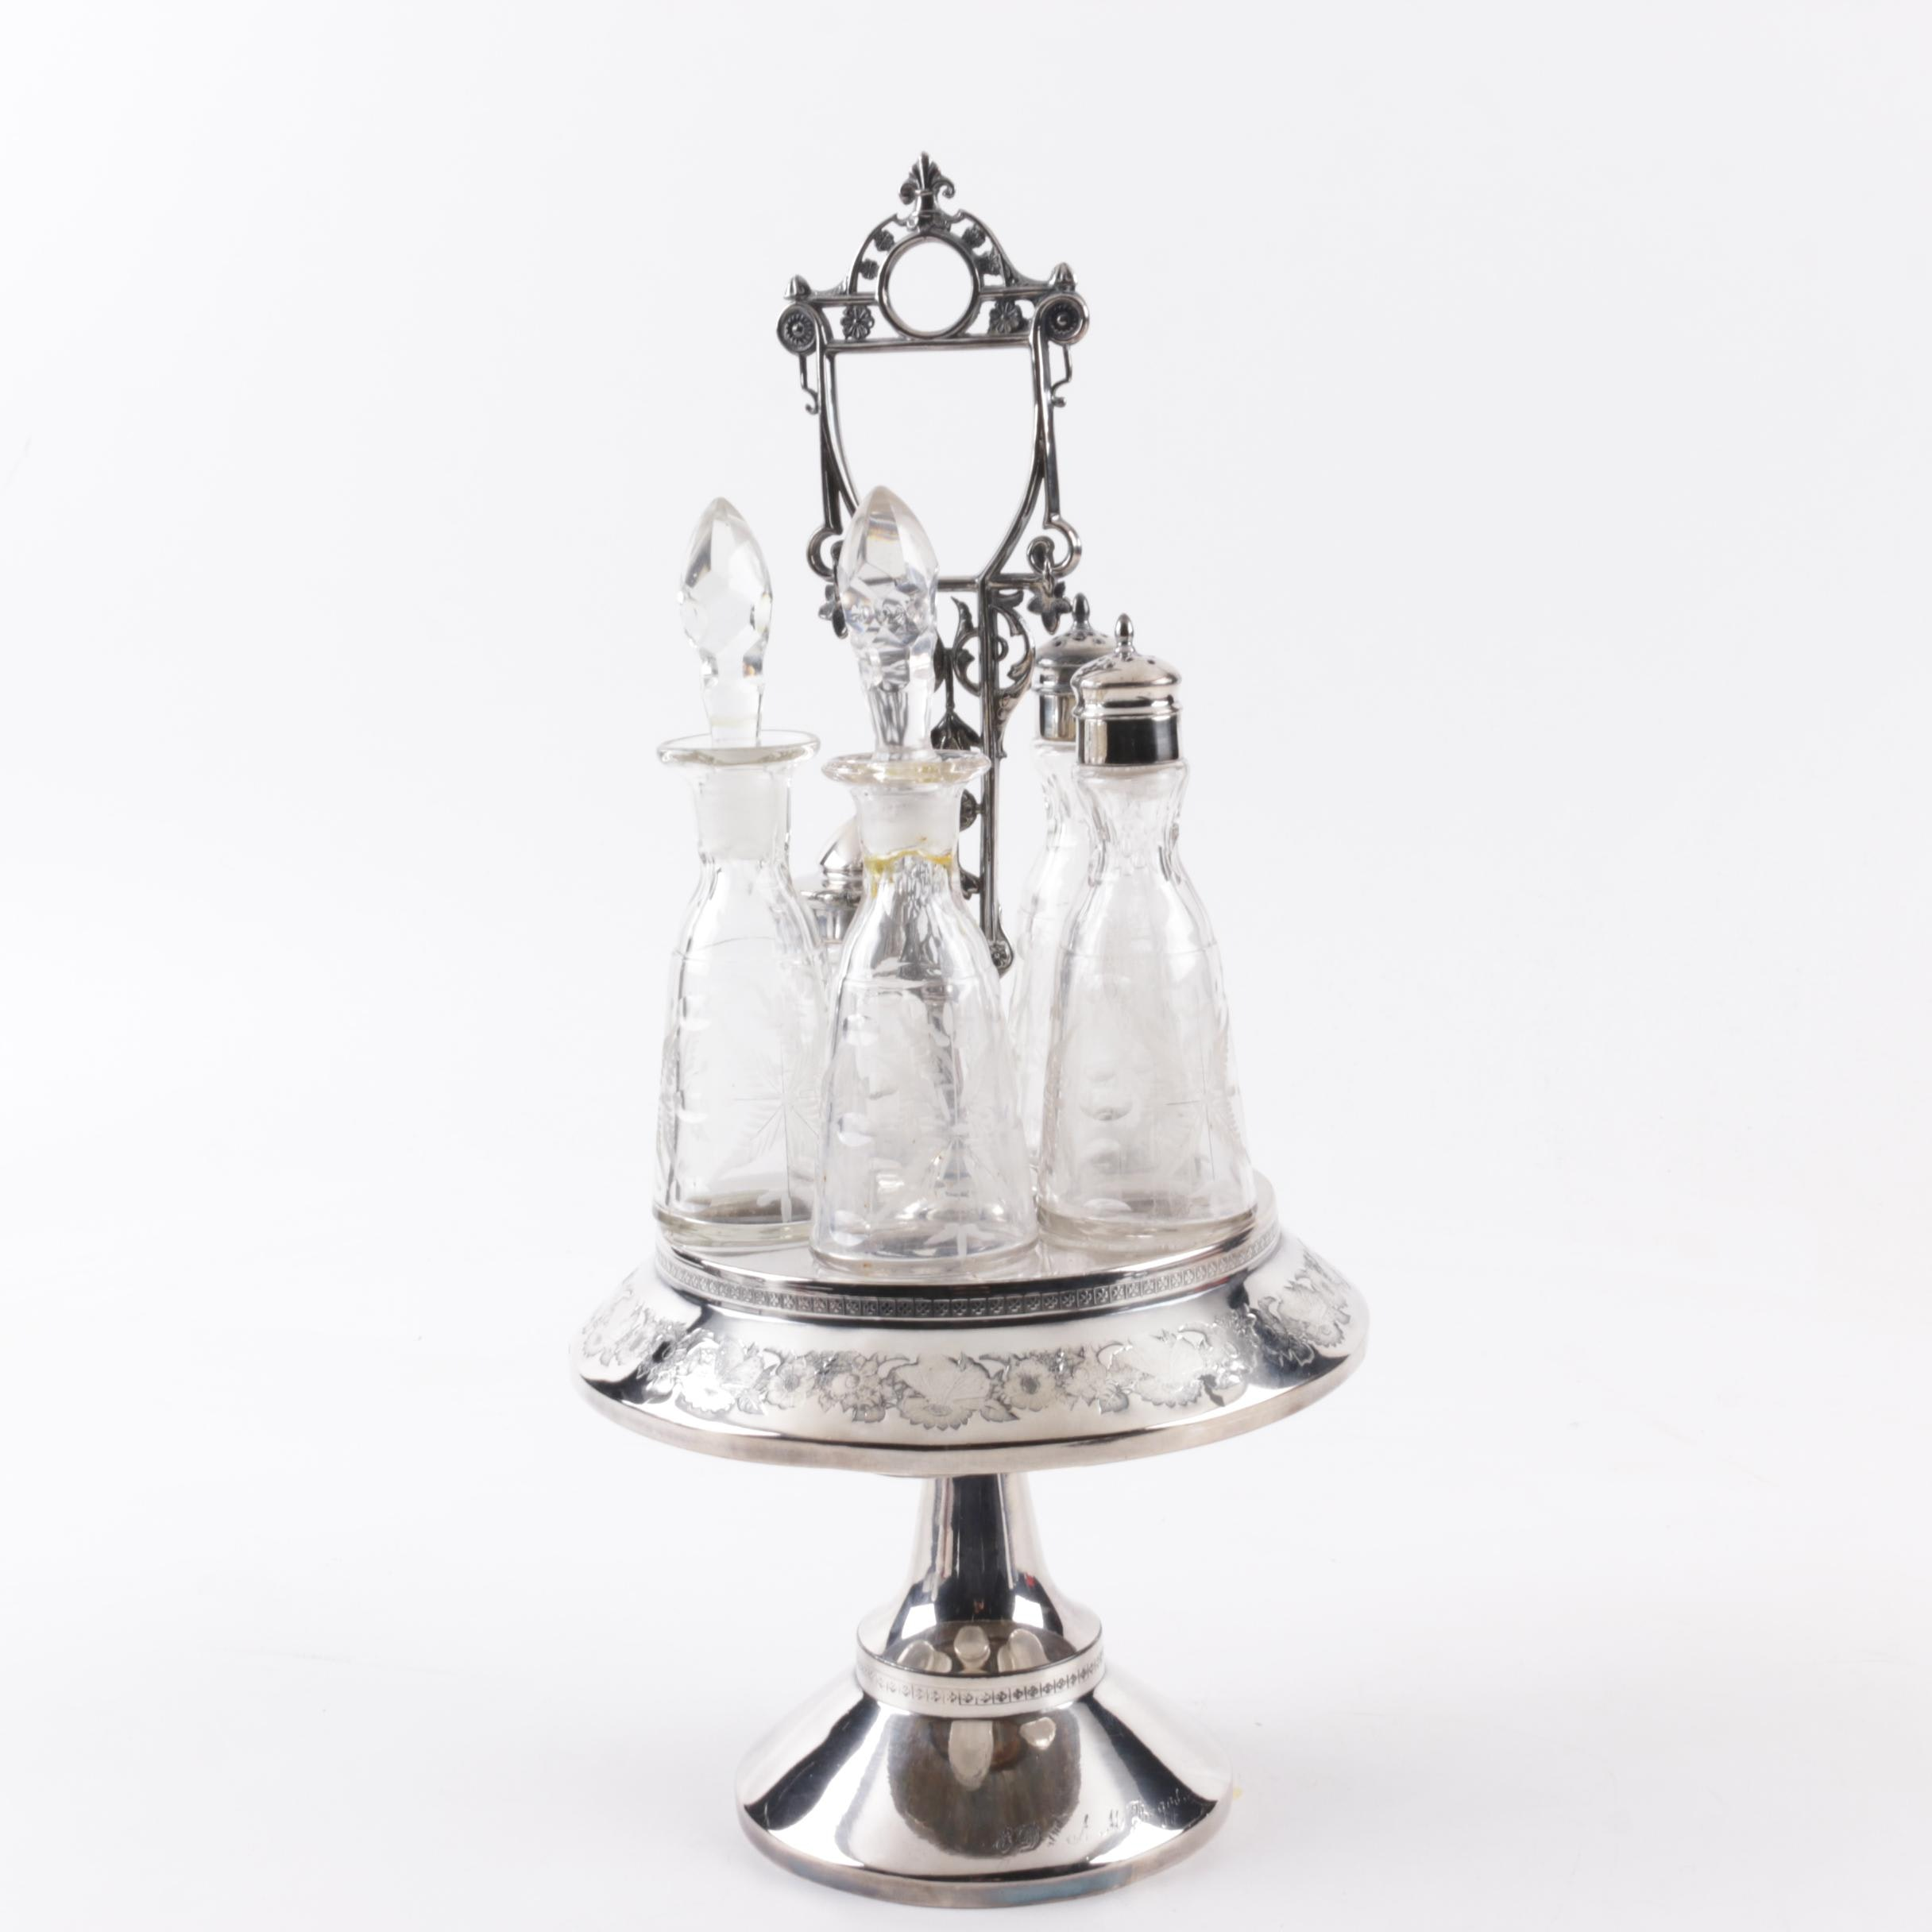 Victorian Era E. G. Webster & Bro. Silver Plate Cruet Set with Bottles